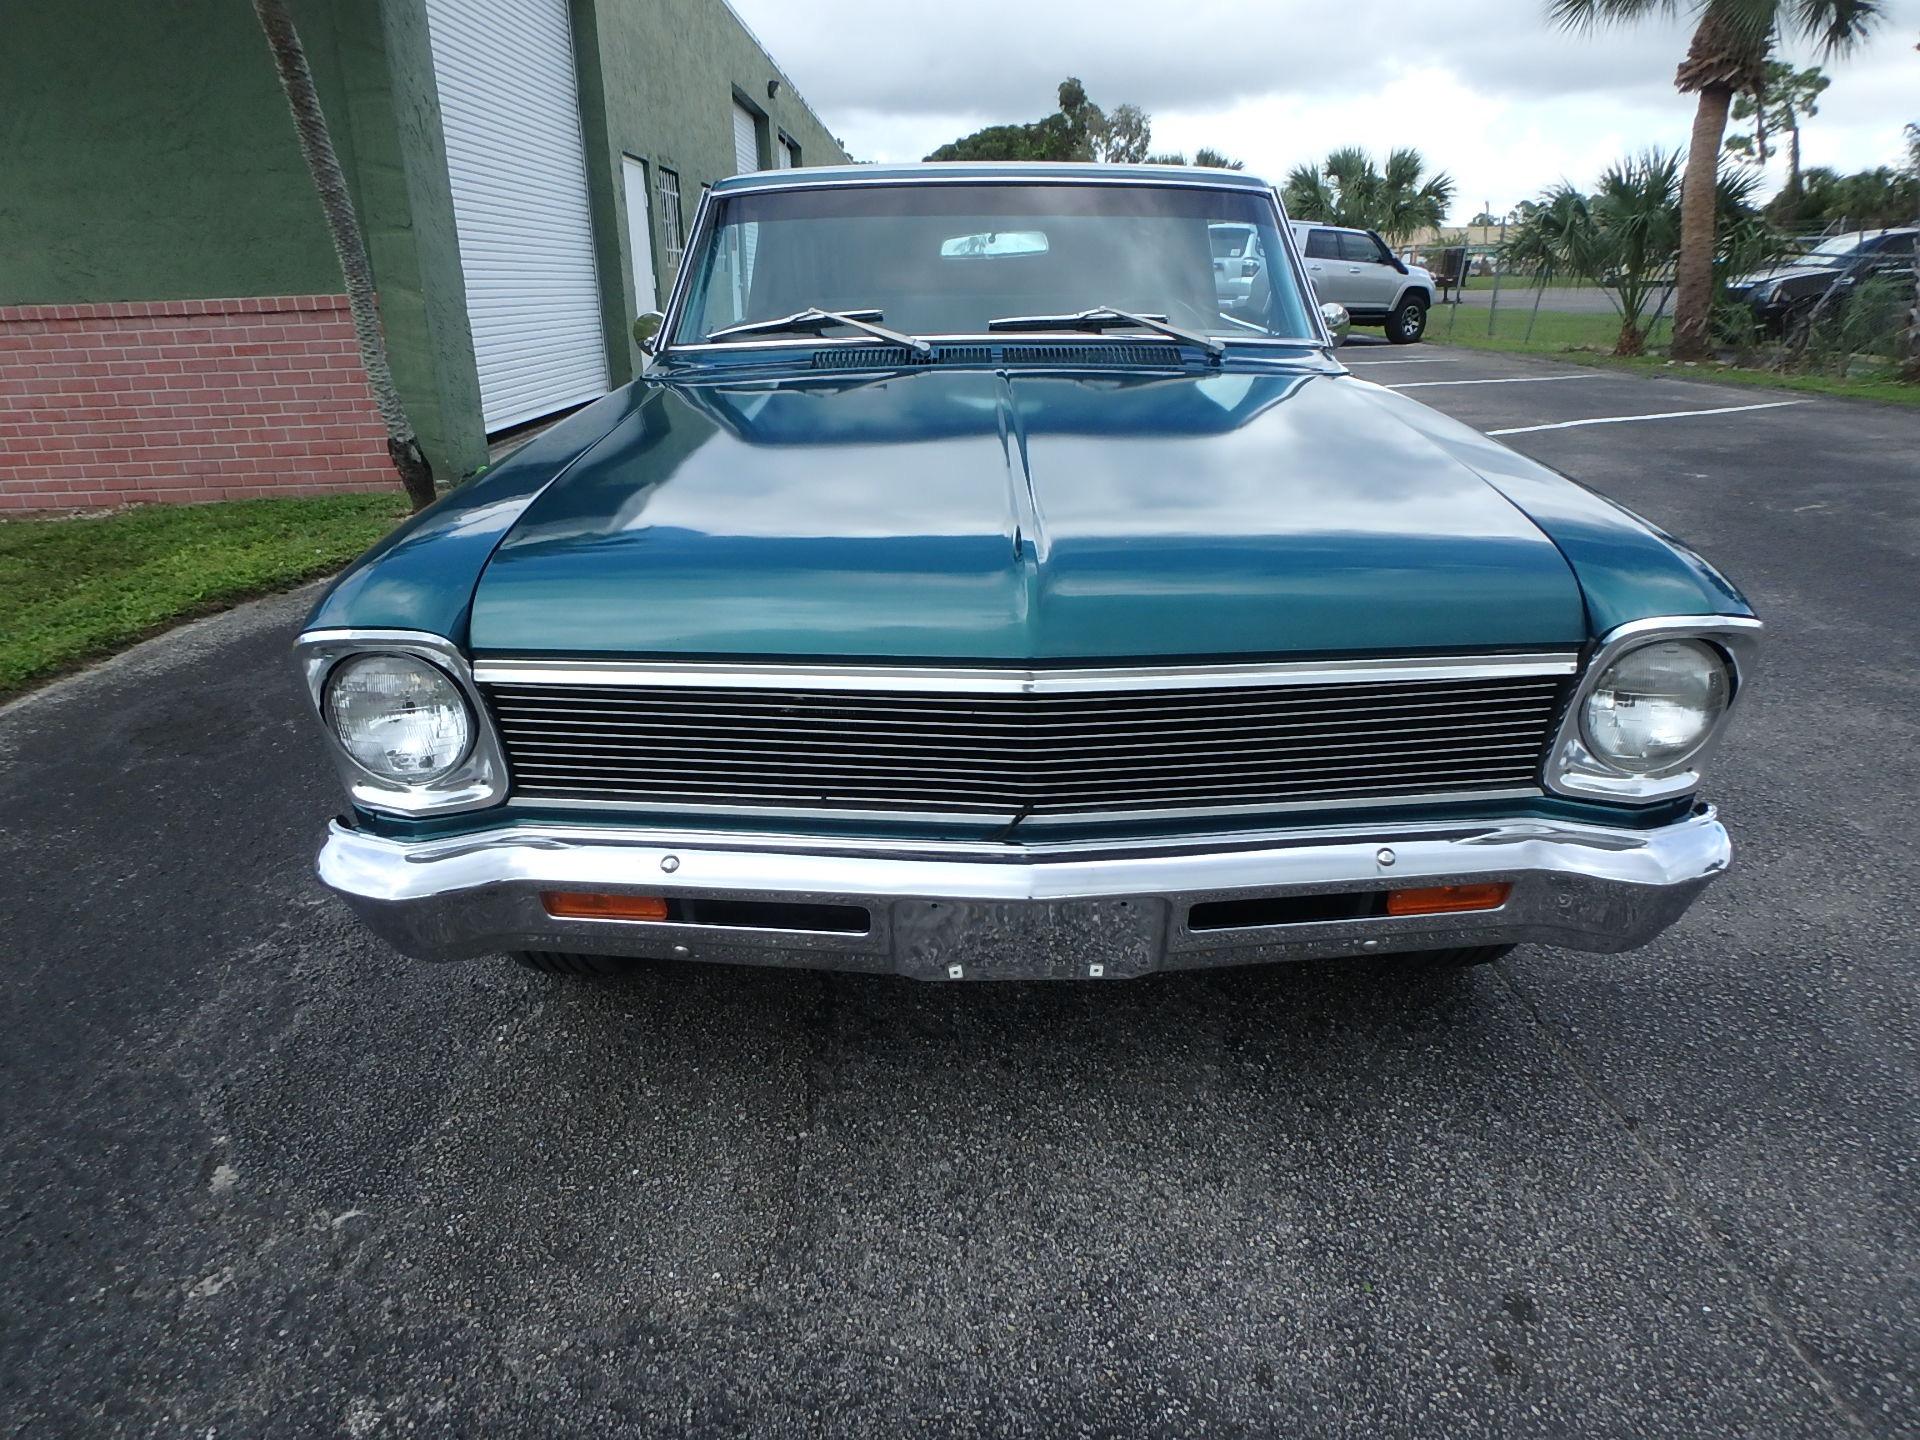 Used 1966 Chevy II Nova